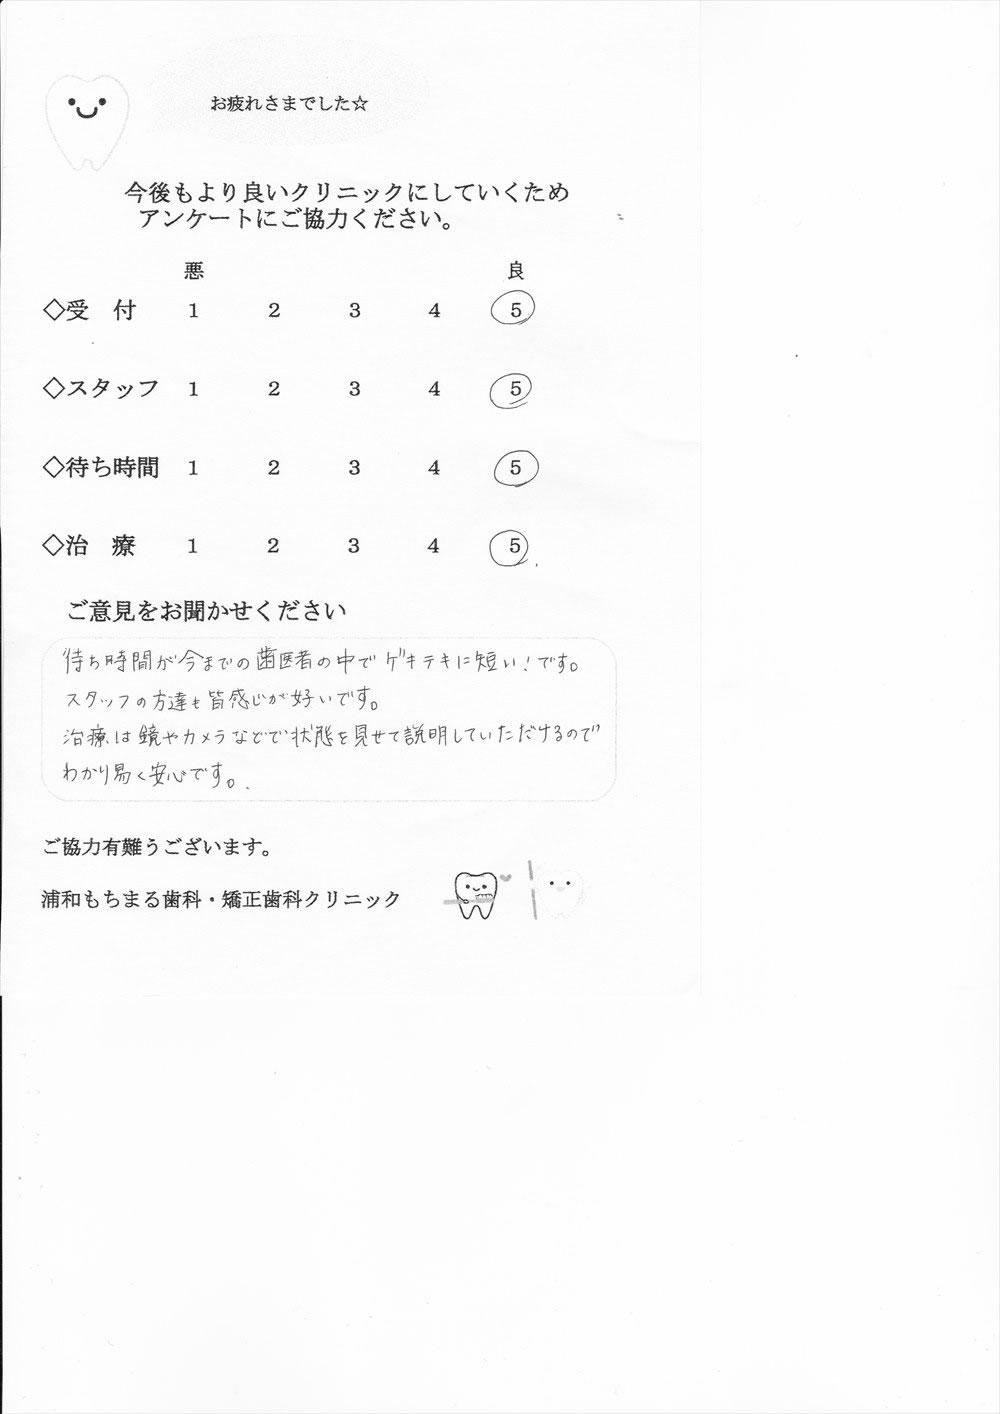 浦和もちまる歯科・矯正歯科の口コミ・評判アンケート13